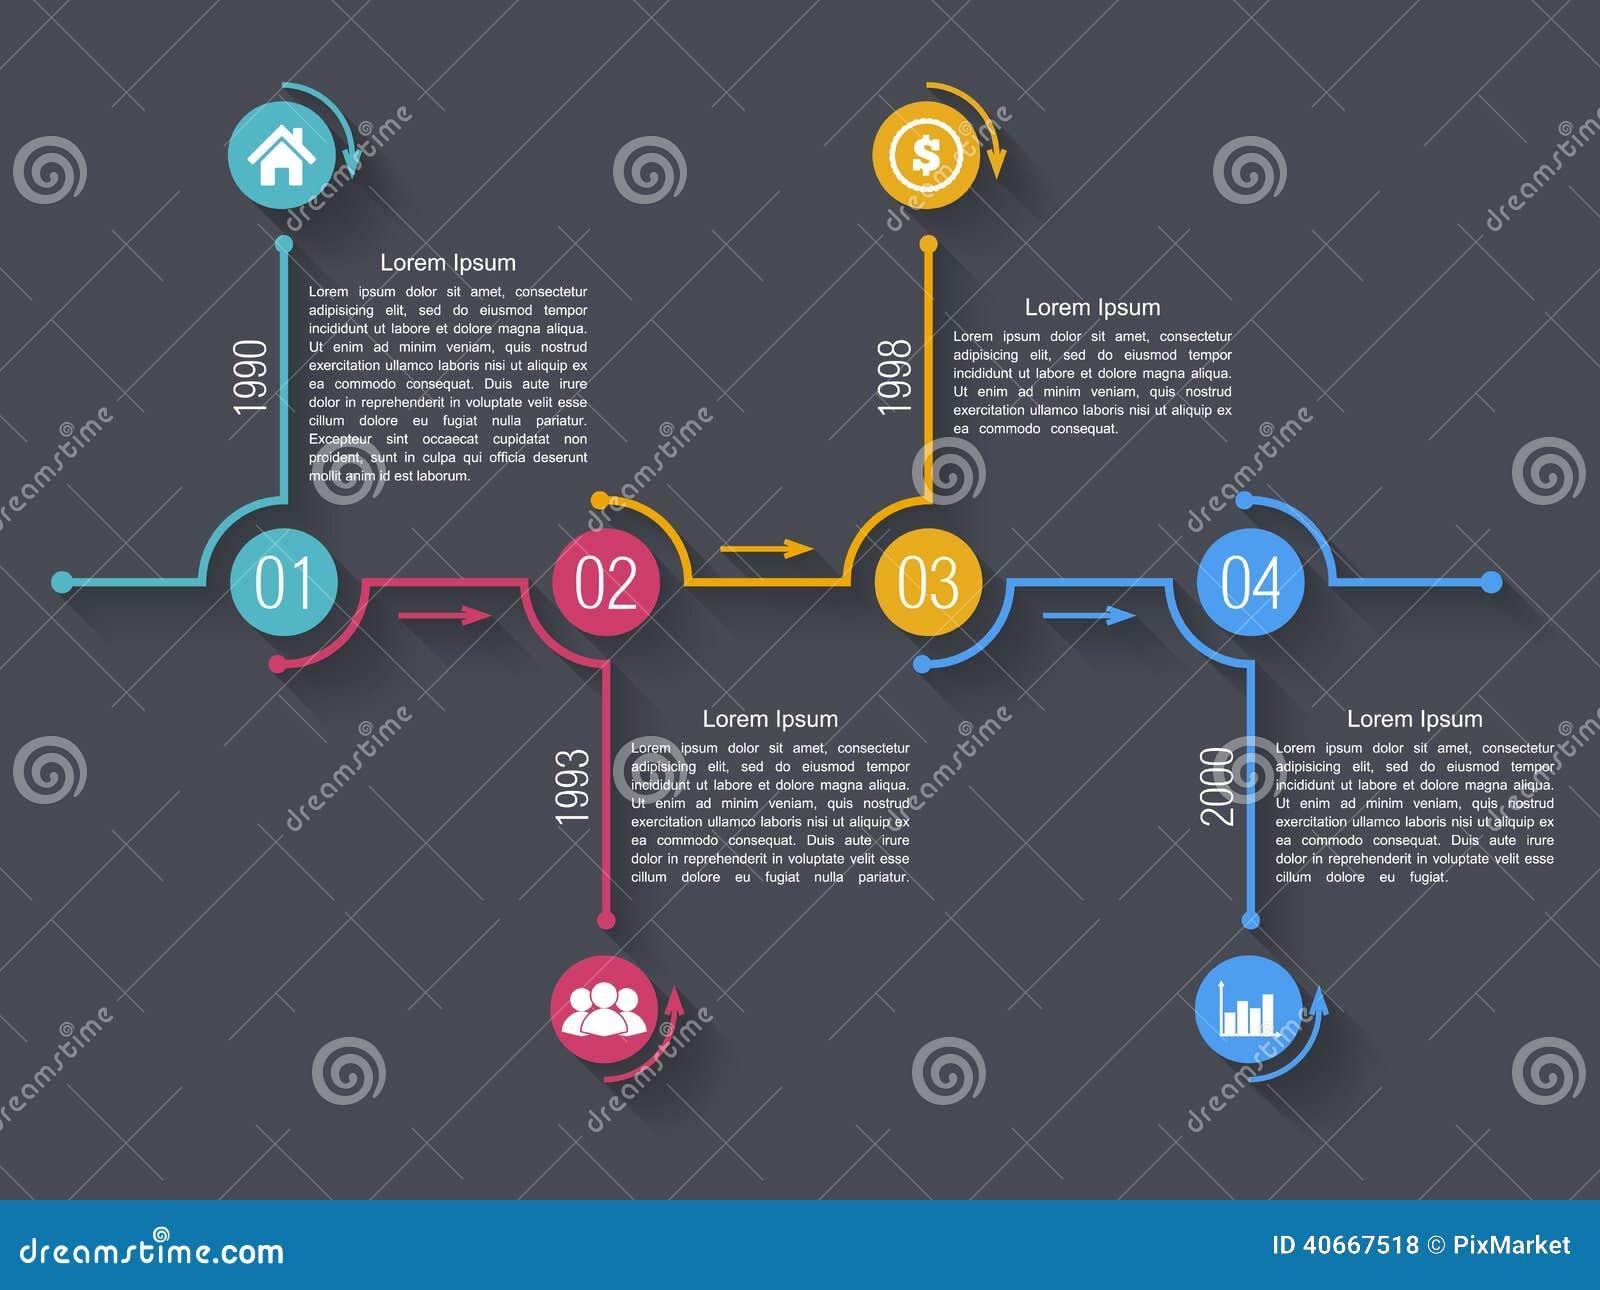 Infographic design timeline